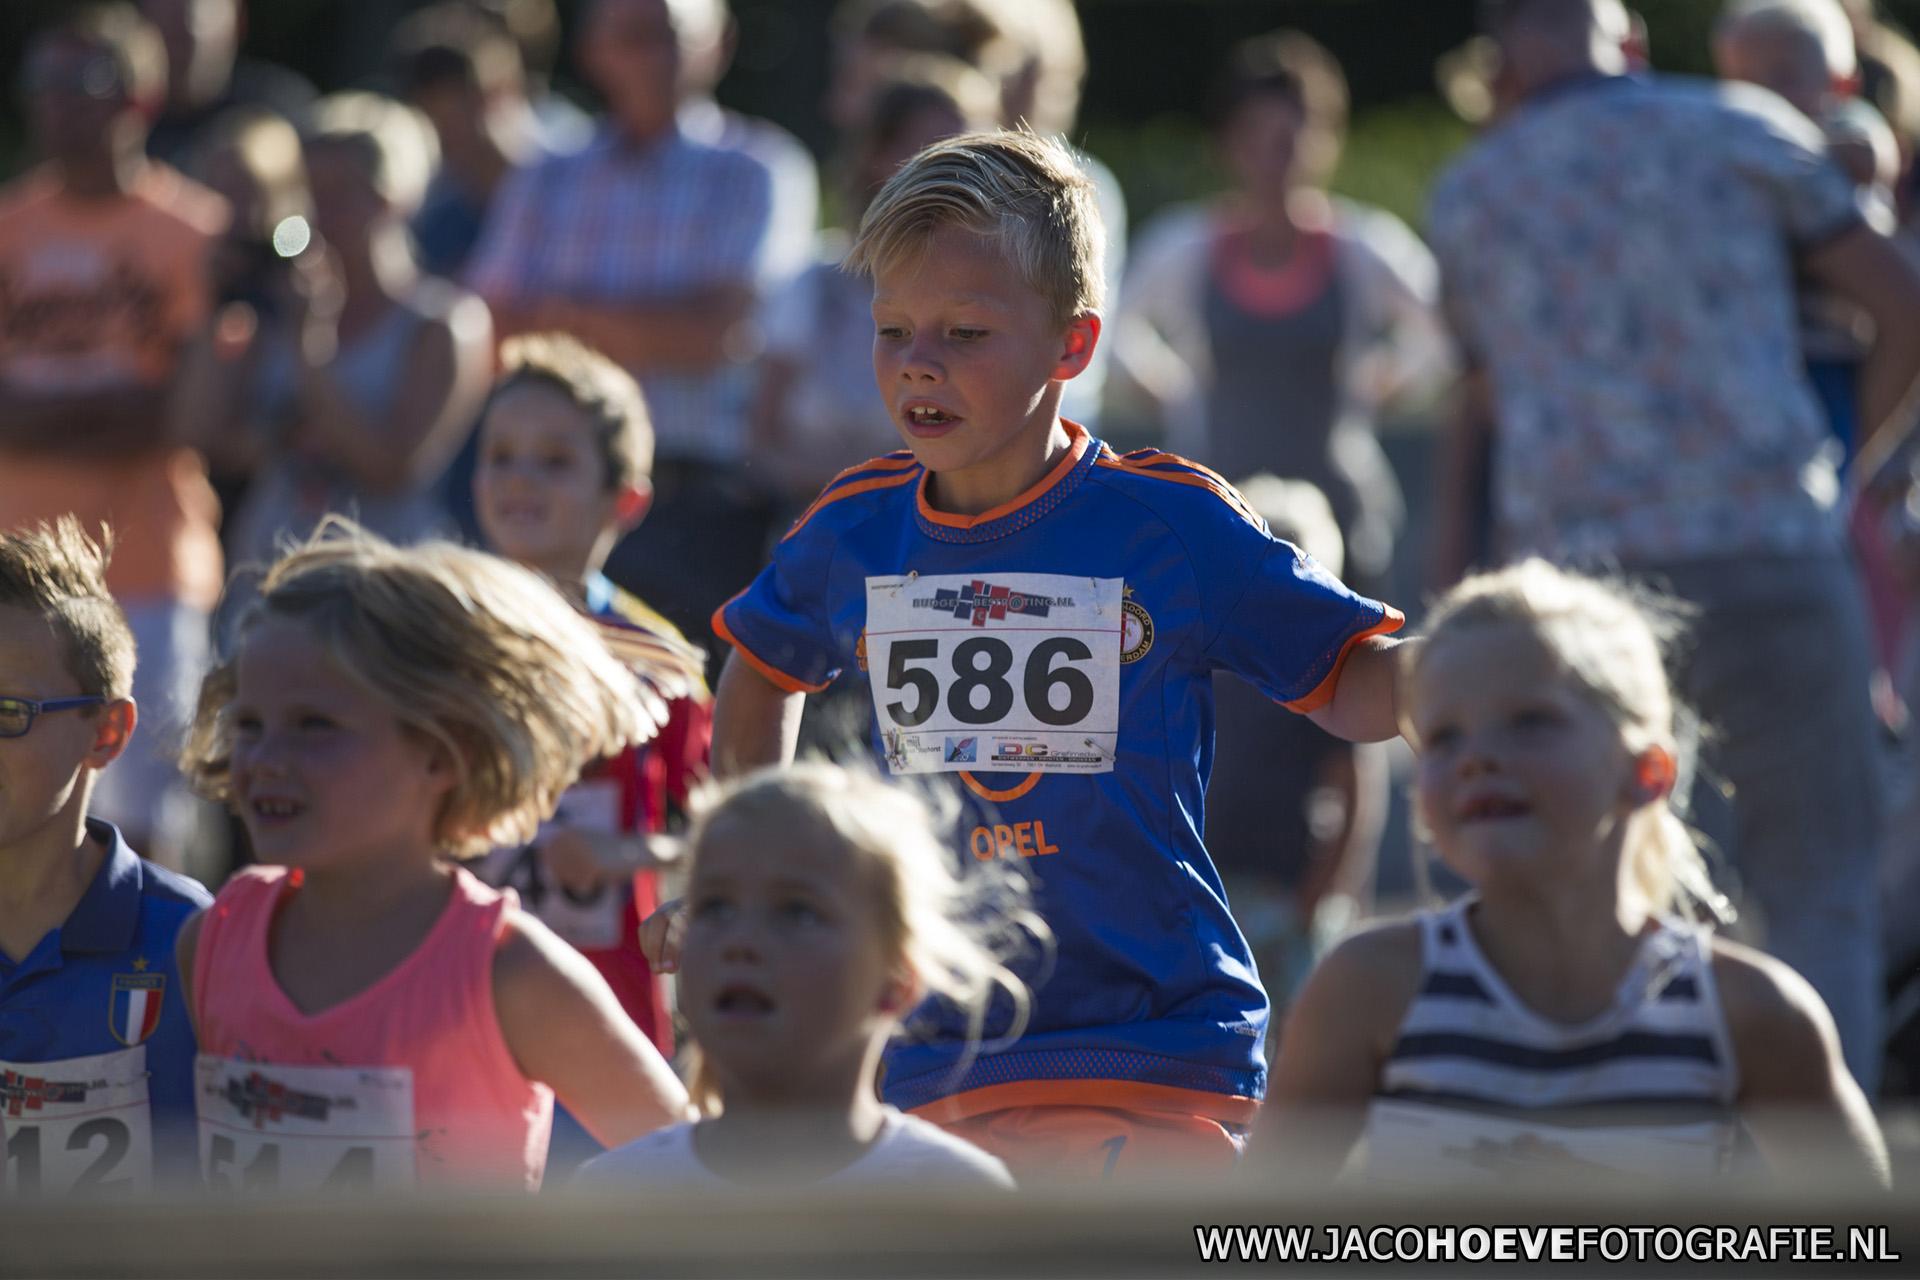 17 augustus 2016 - 4 Mijl van Staphorst 006